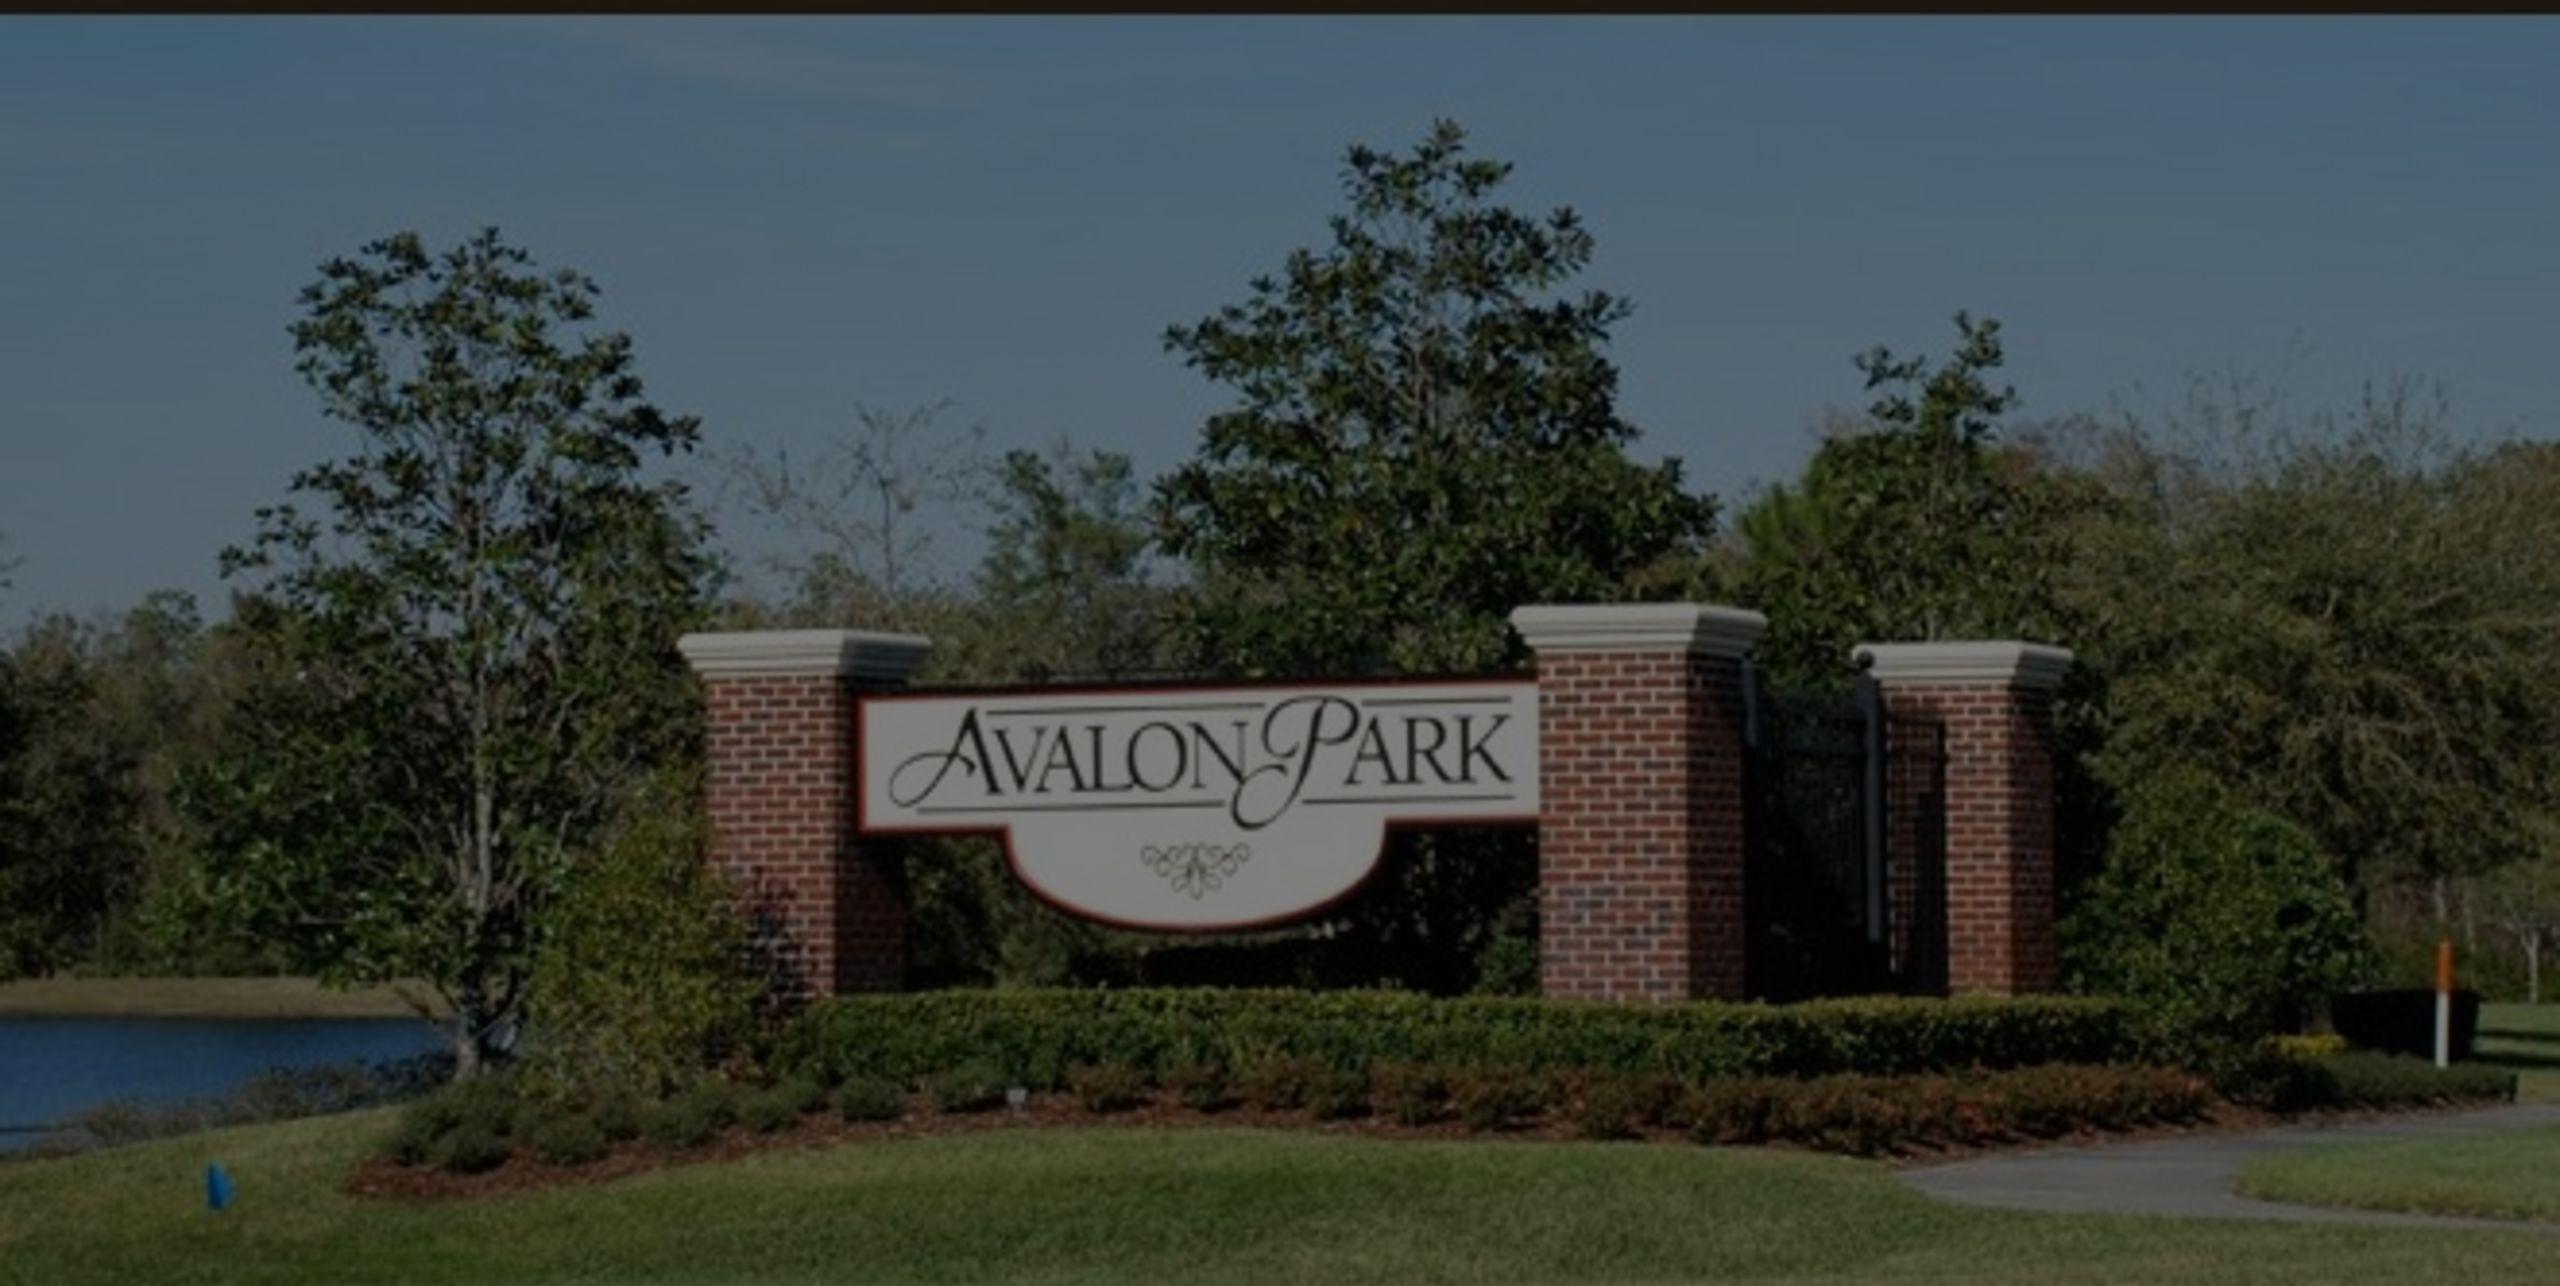 Avalon Park Homes/Living on